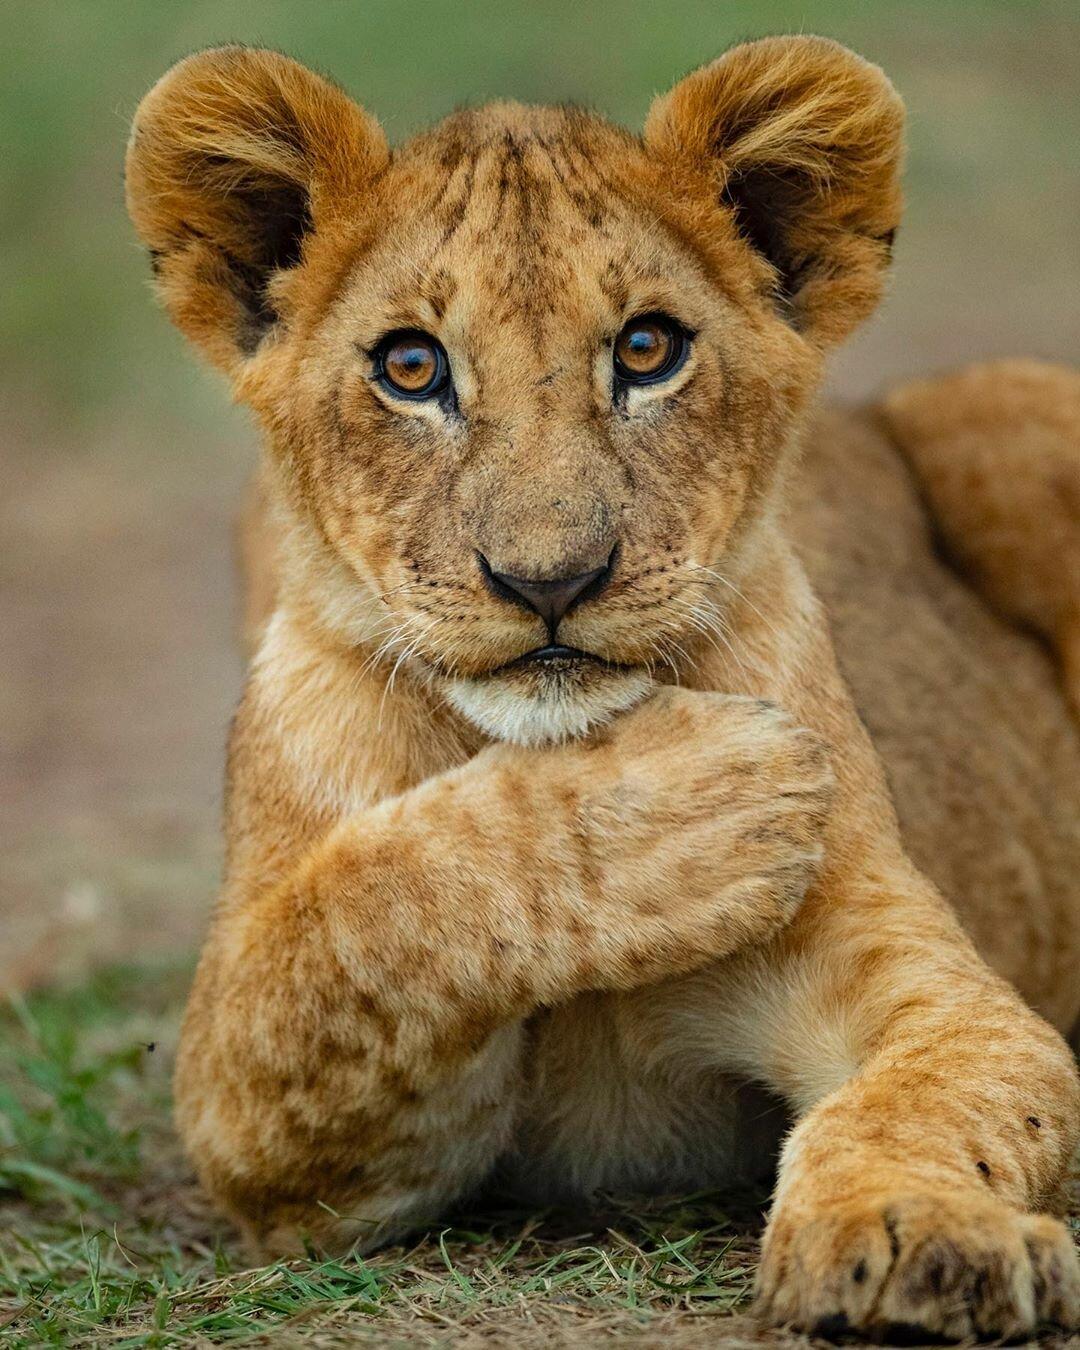 фото львенка в хорошем качестве после боя спят